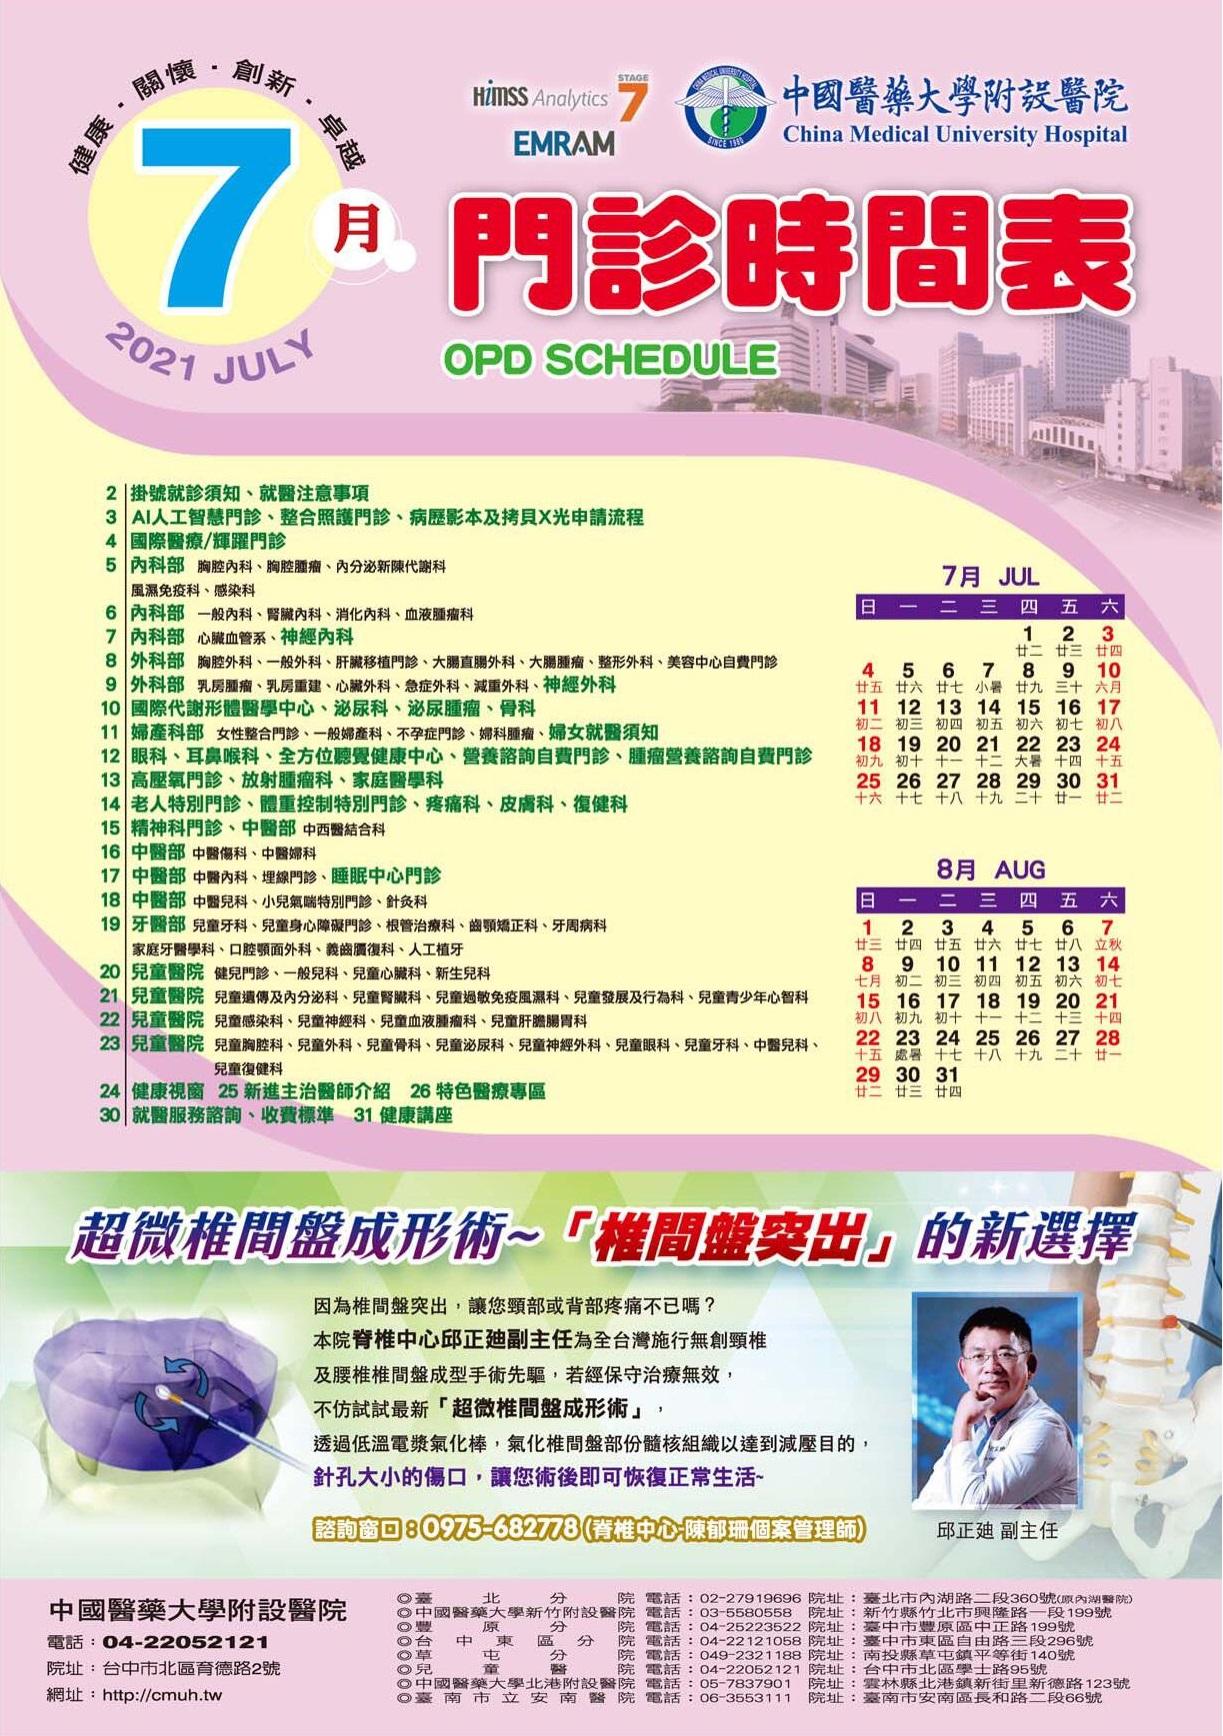 中國附醫110年7月門診時間表